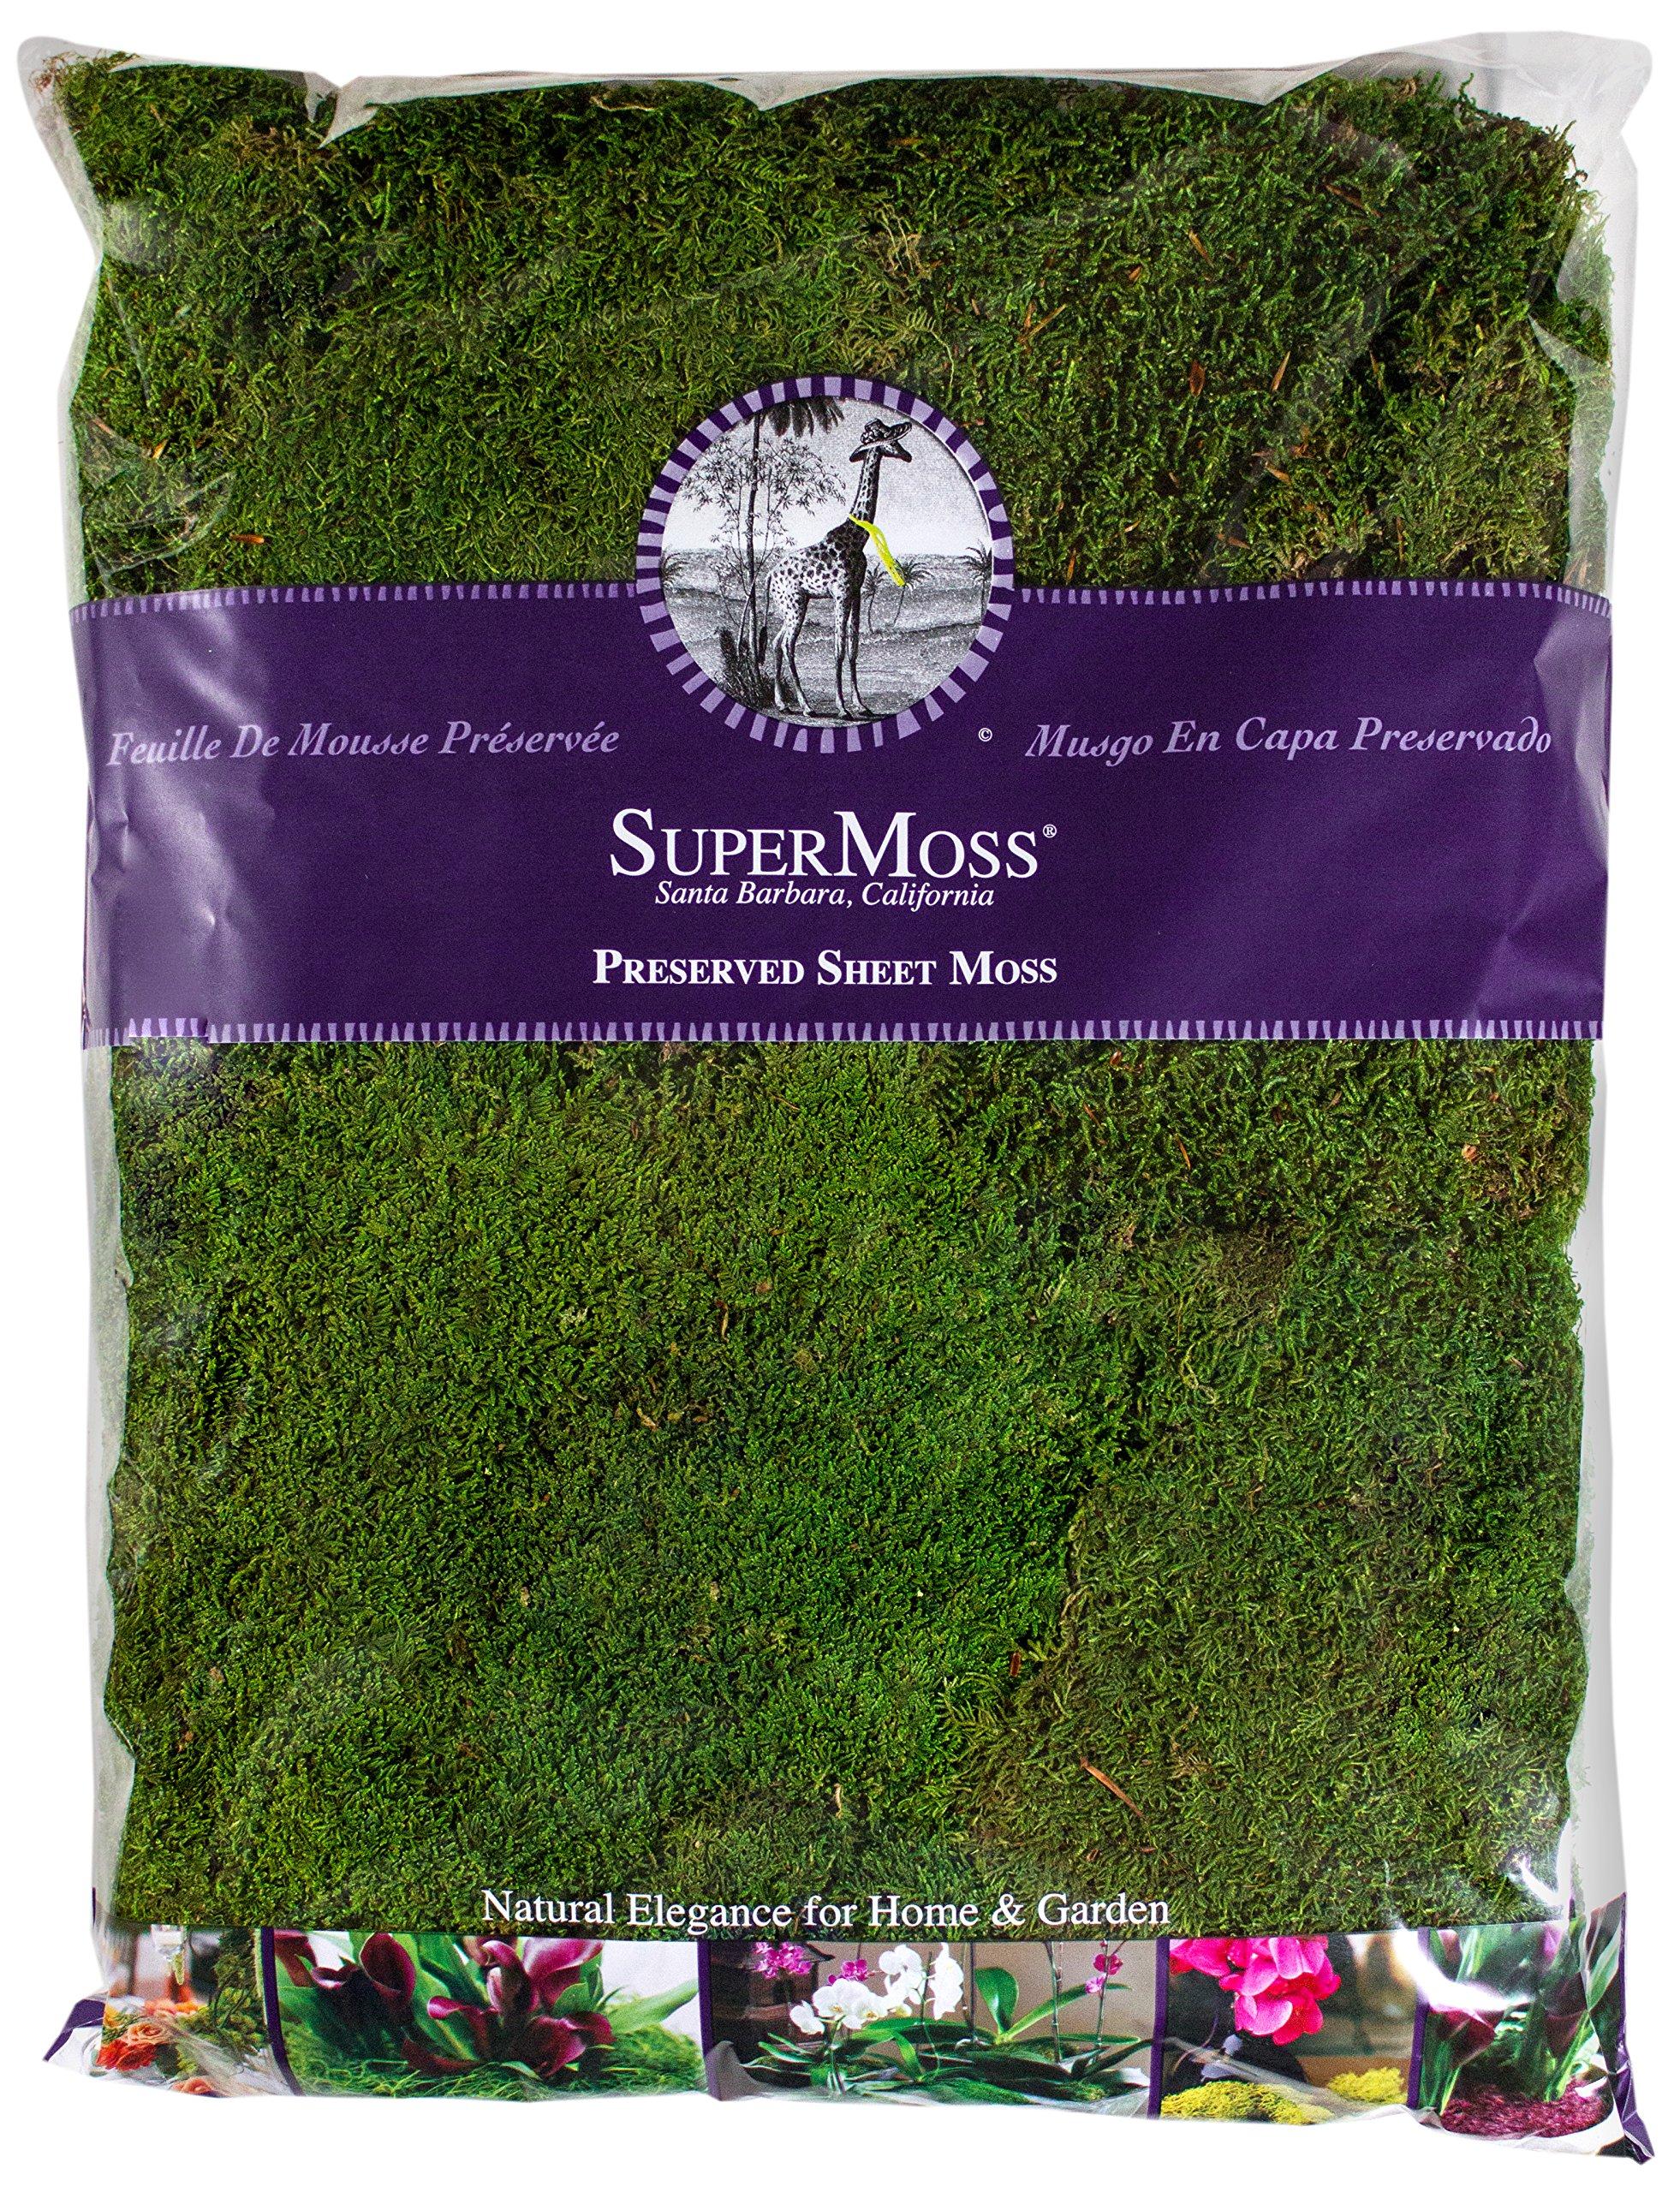 Super Moss 21585 Preserved Sheet Moss, Fresh Green, 32-Ounce